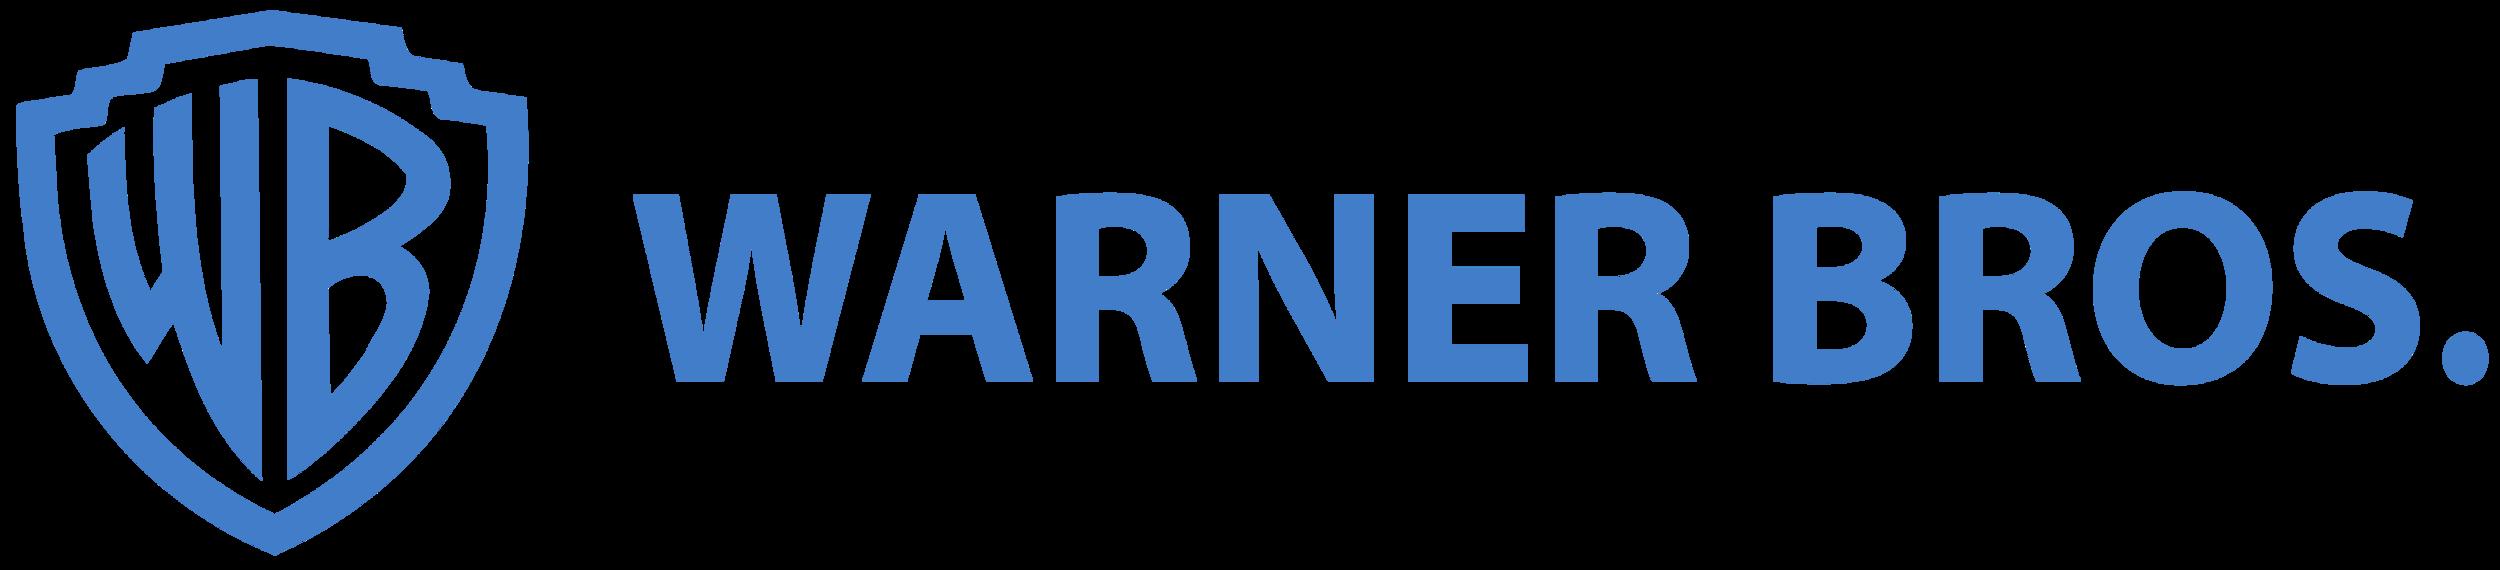 WB_Warner_Bros_logo.png